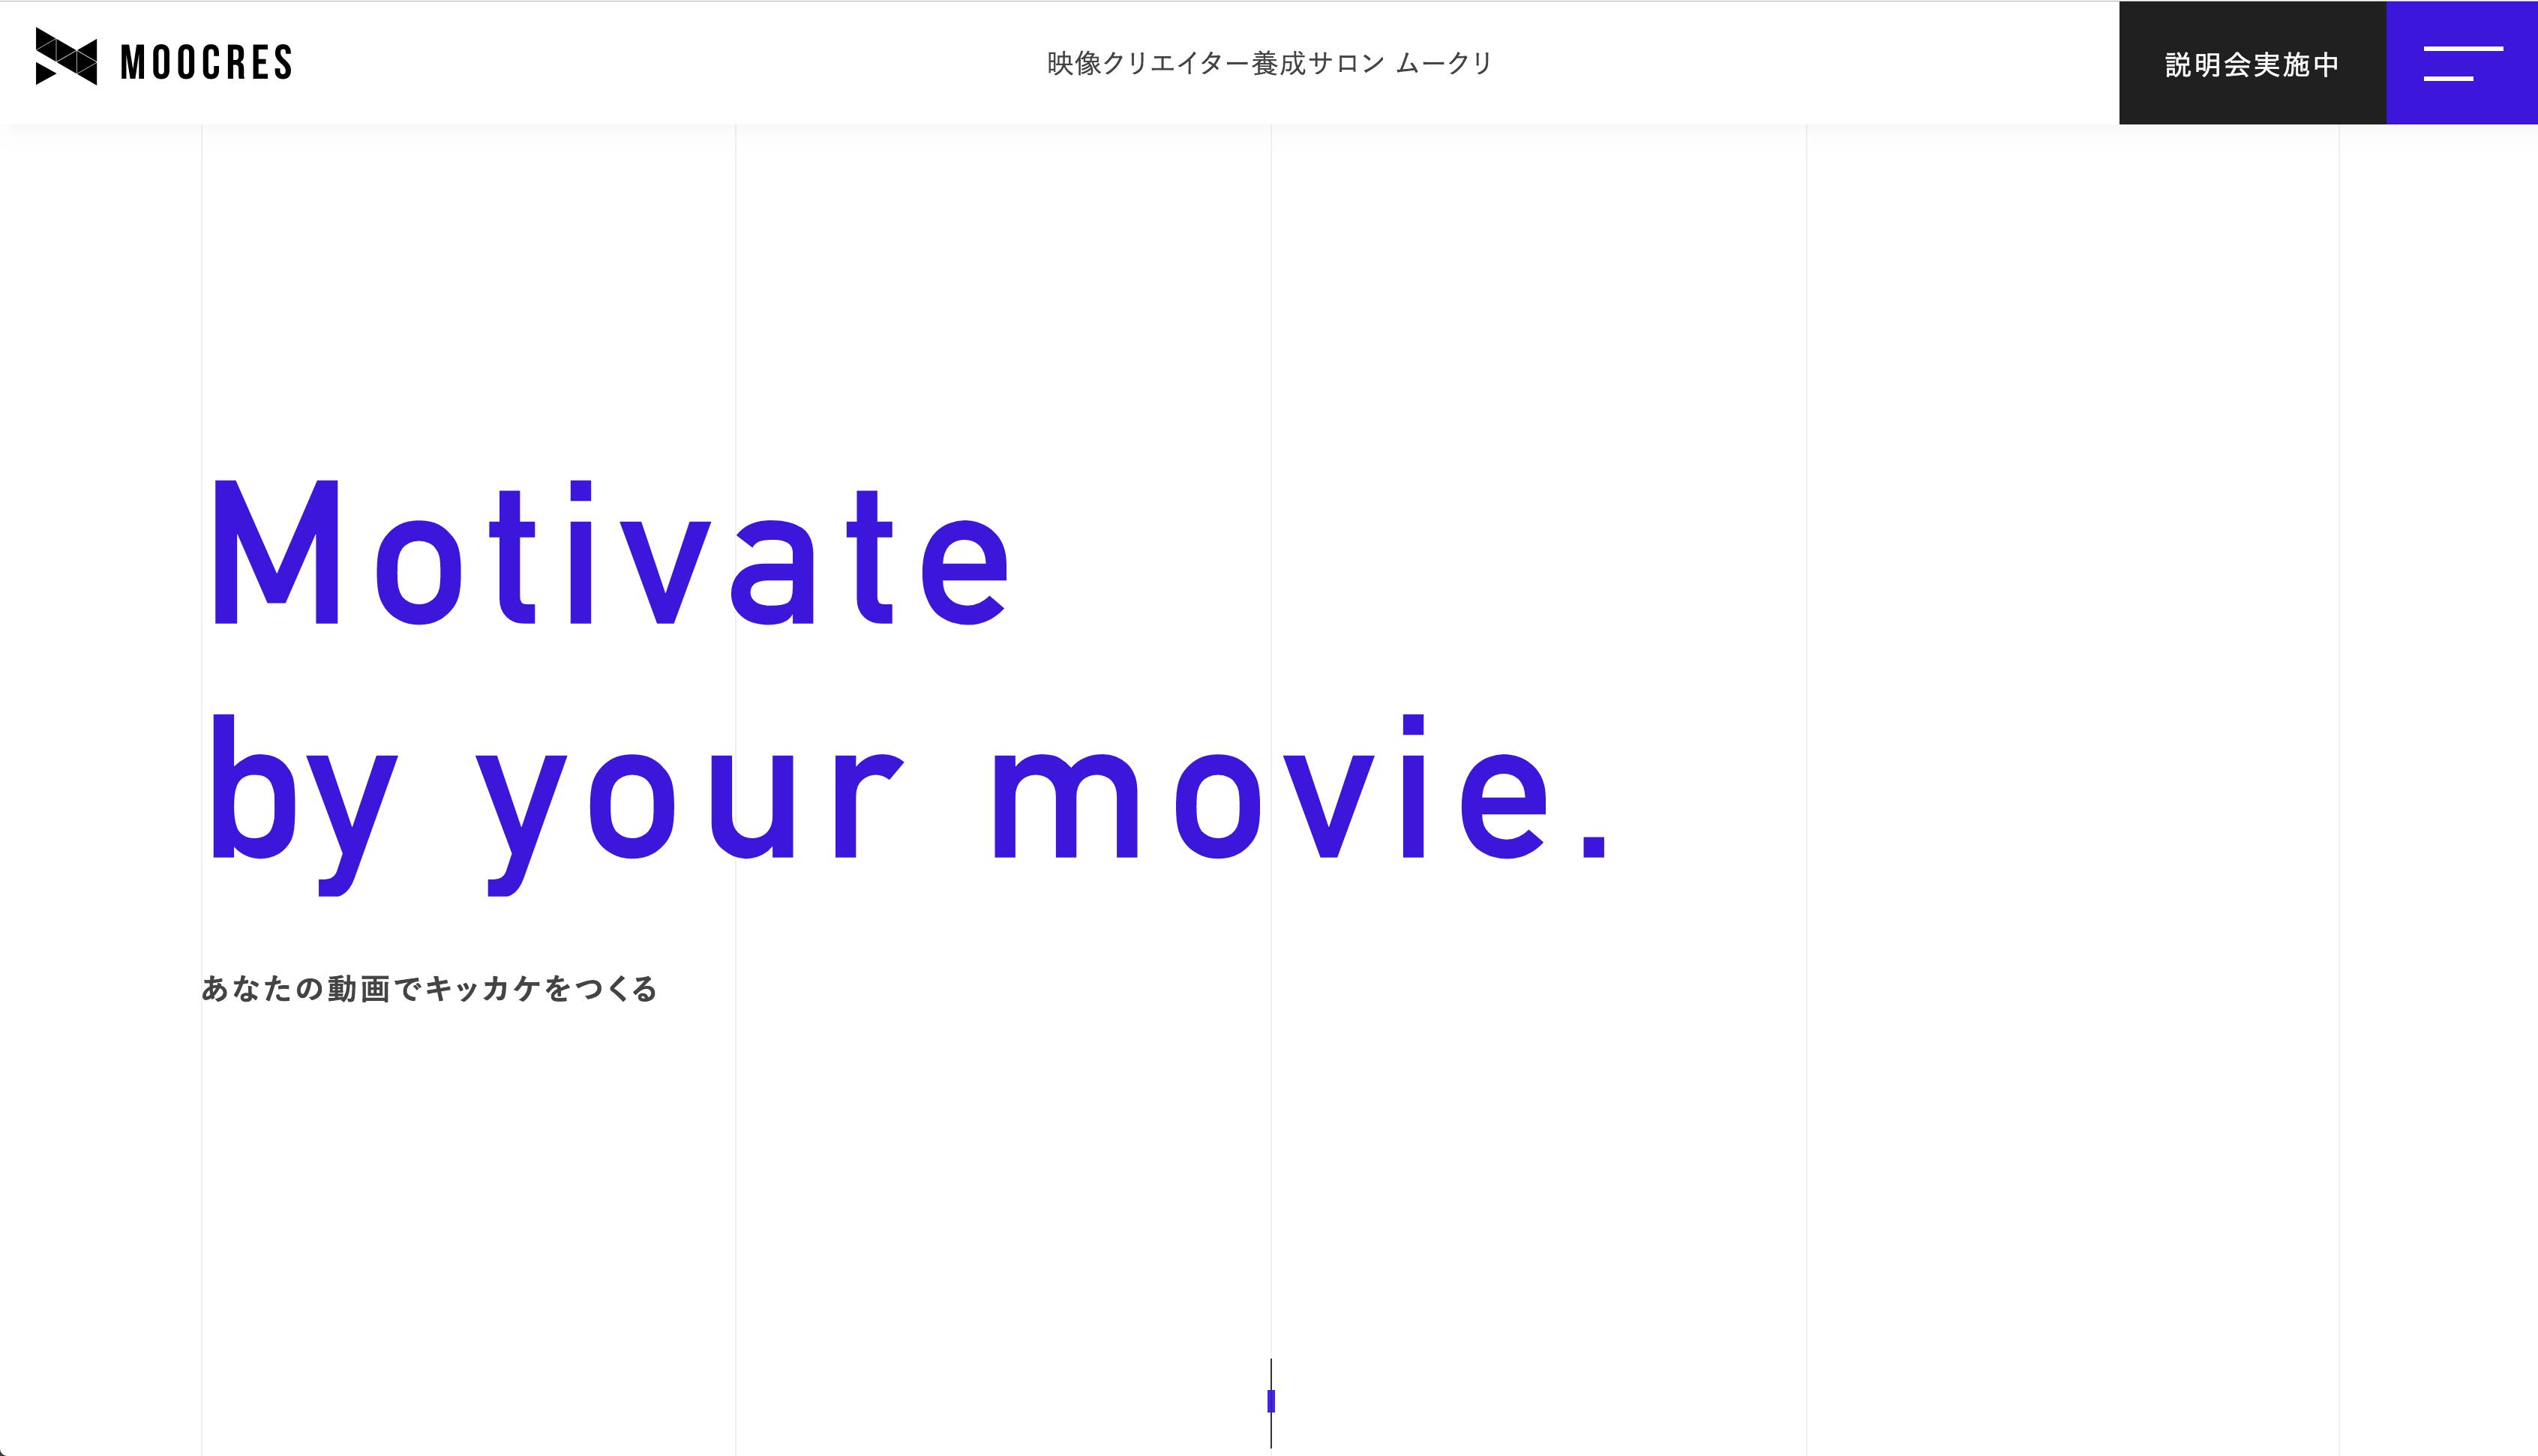 【制作実績】映像クリエイター養成サロンMOOCRESの公式サイトとLPをデザイン・実装しました。